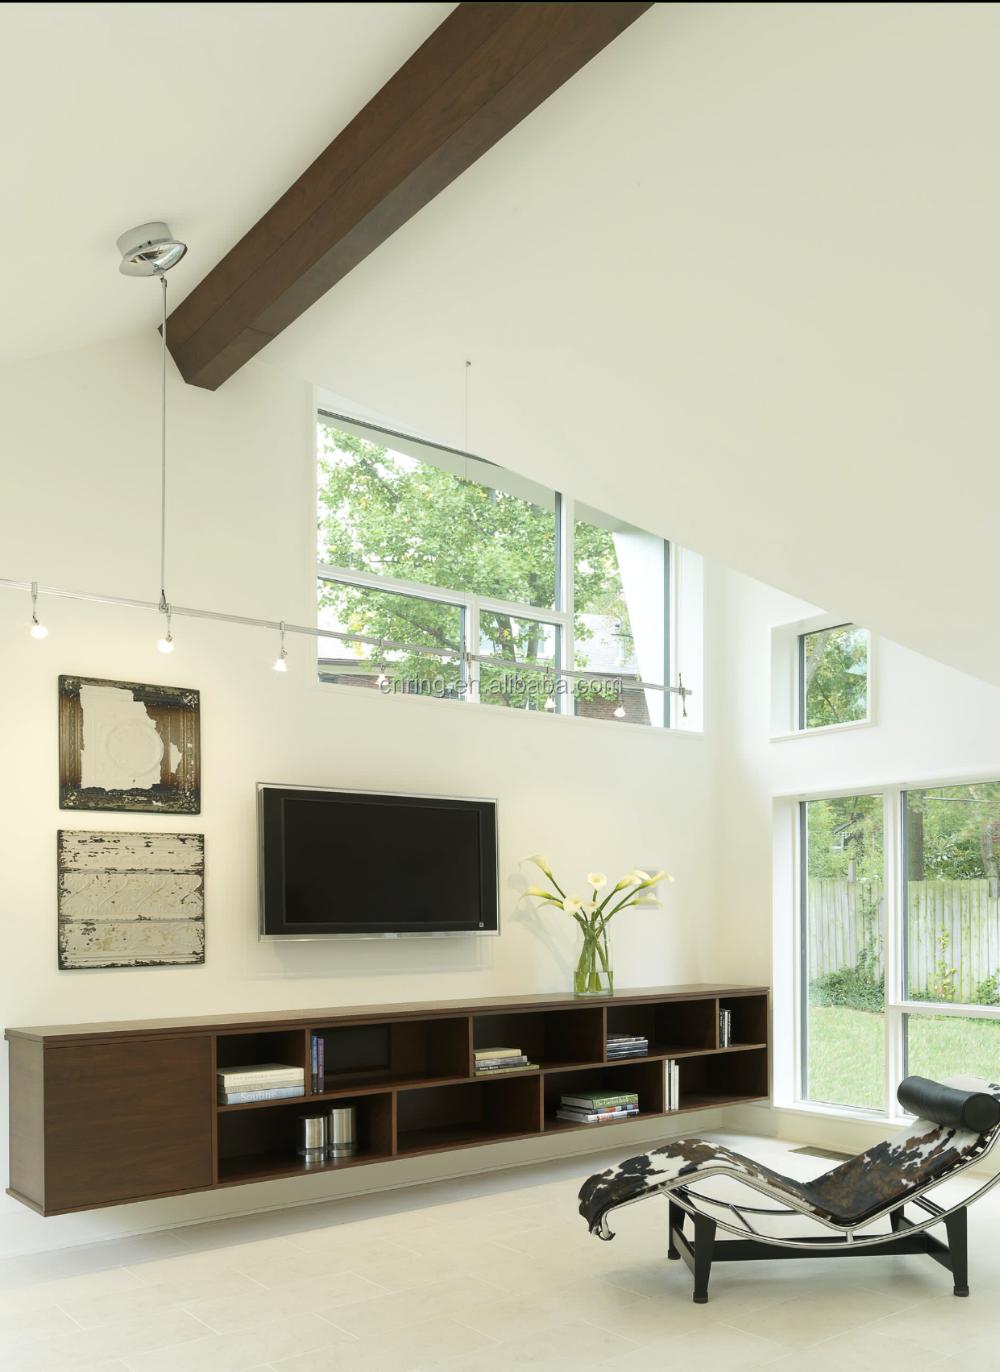 Modern interieur ideeen for Interieur kabinet